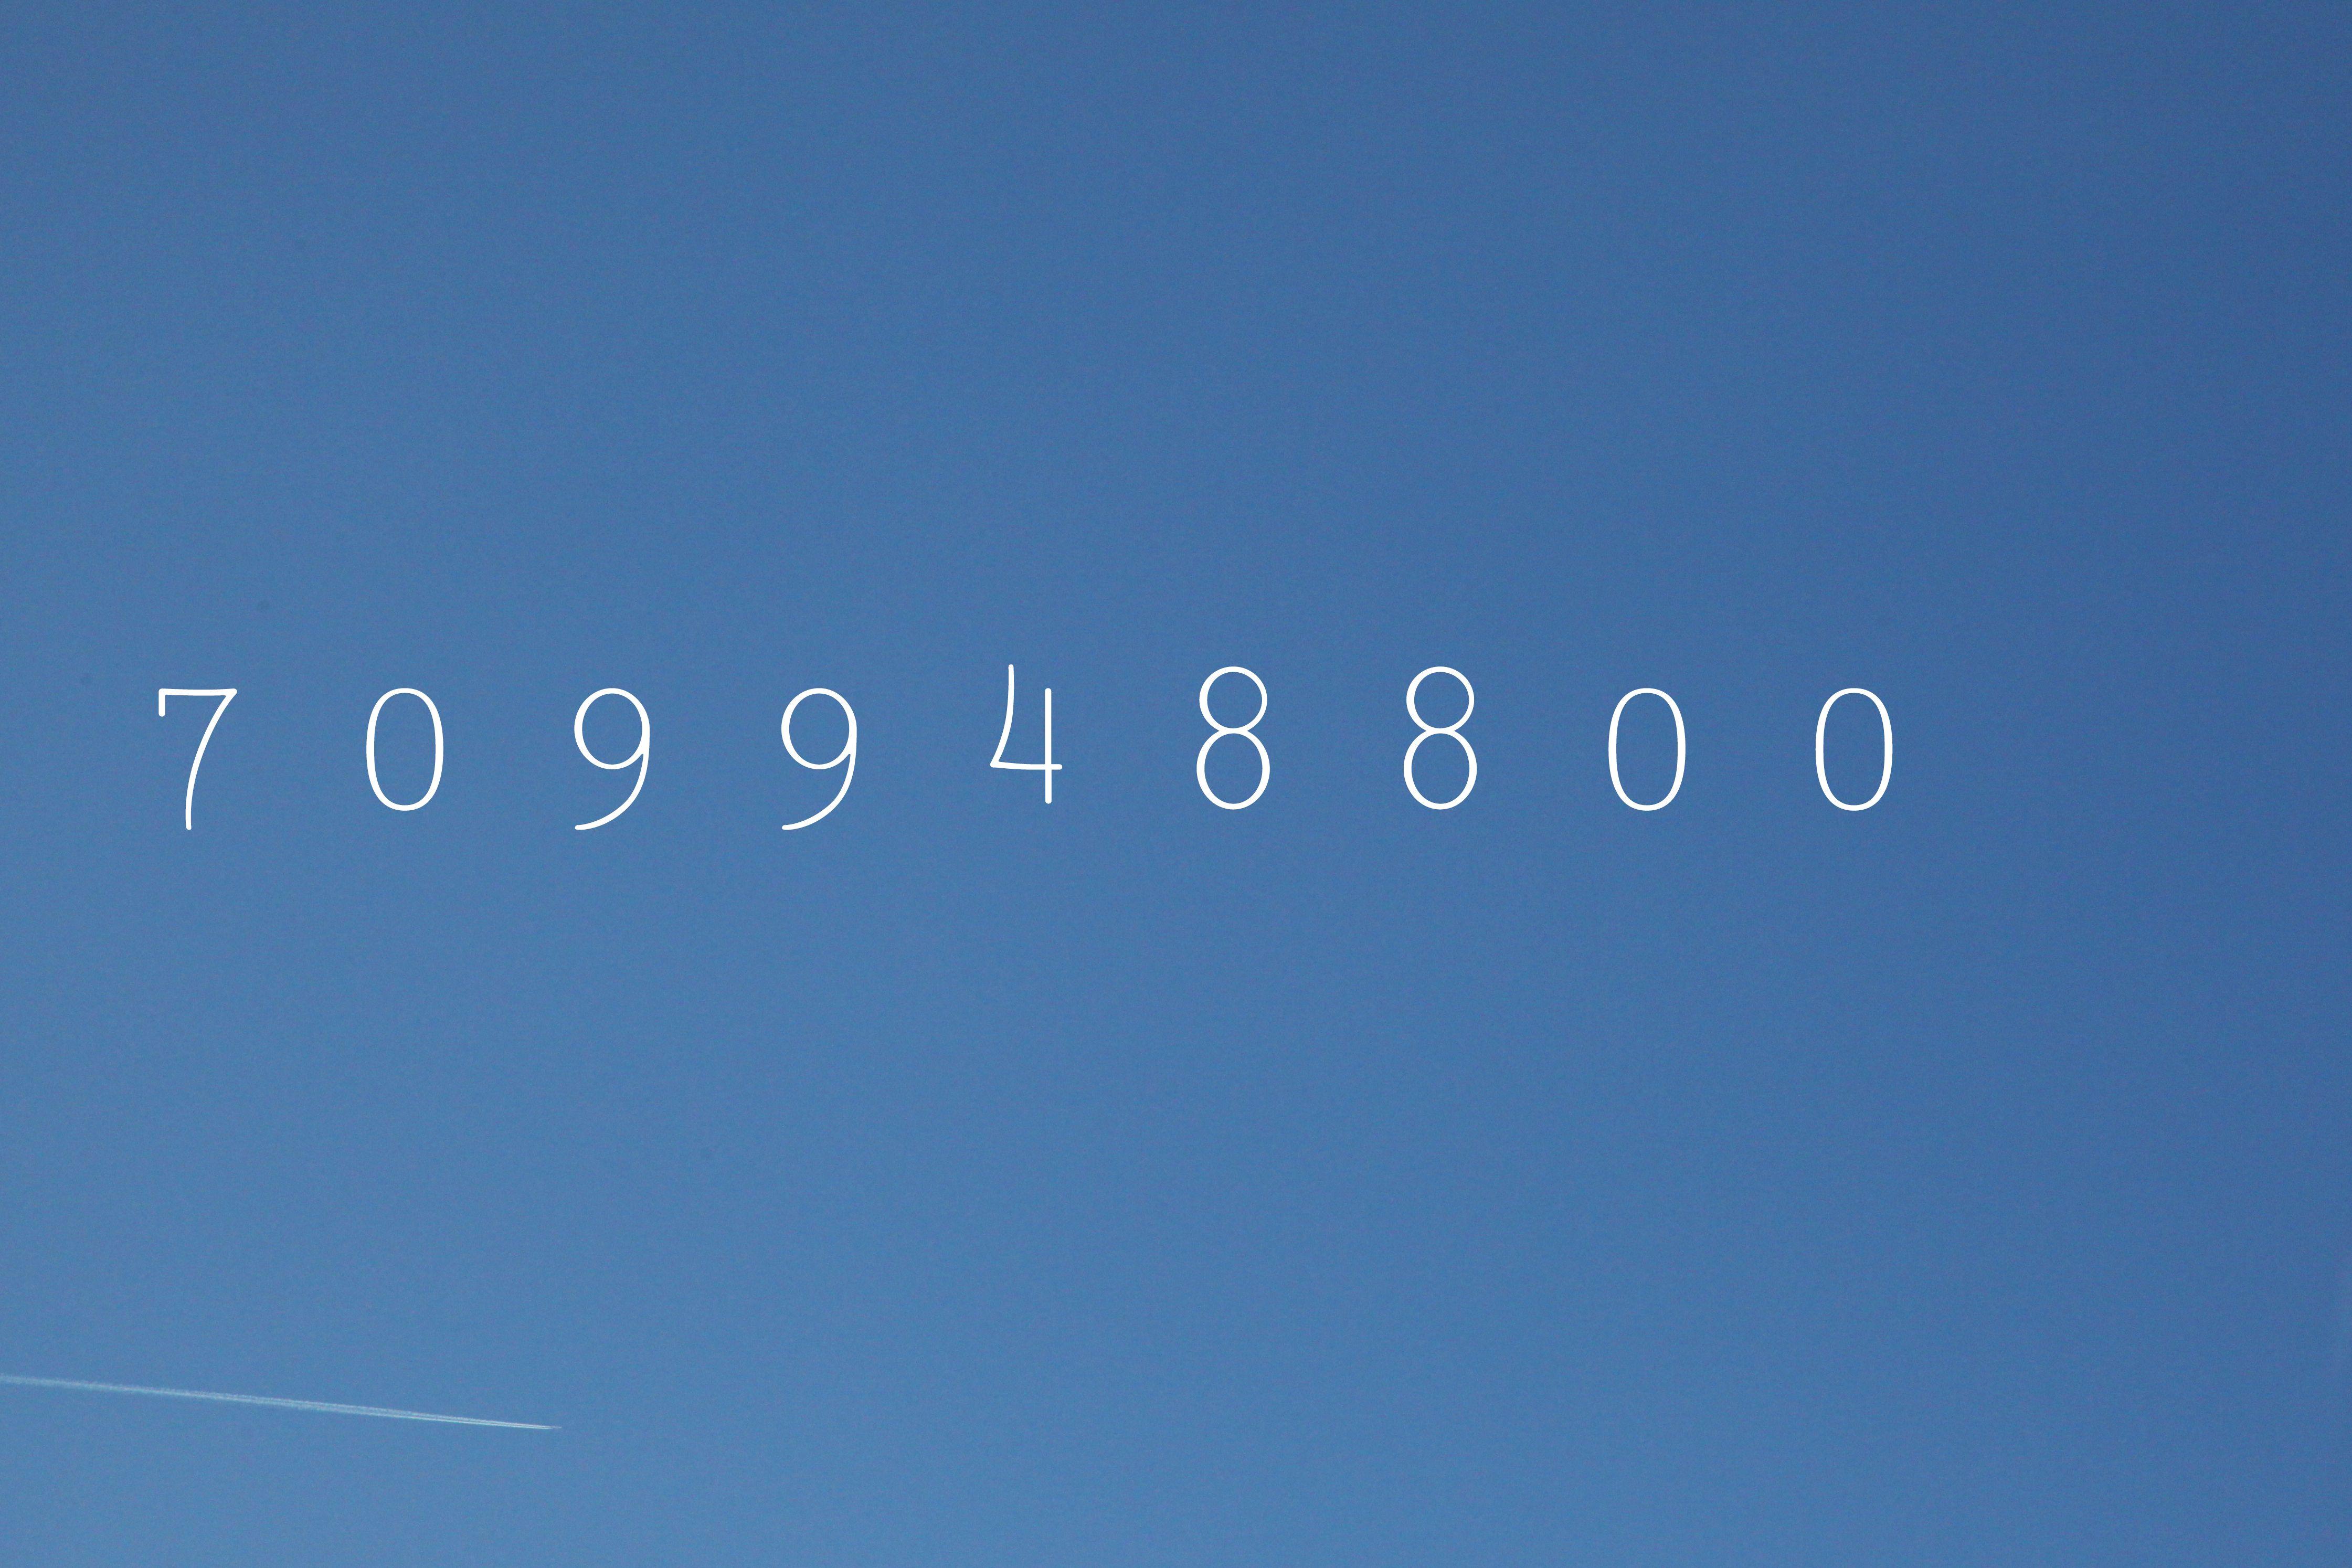 Leap Second, 30 June 1992 - 23:59:60